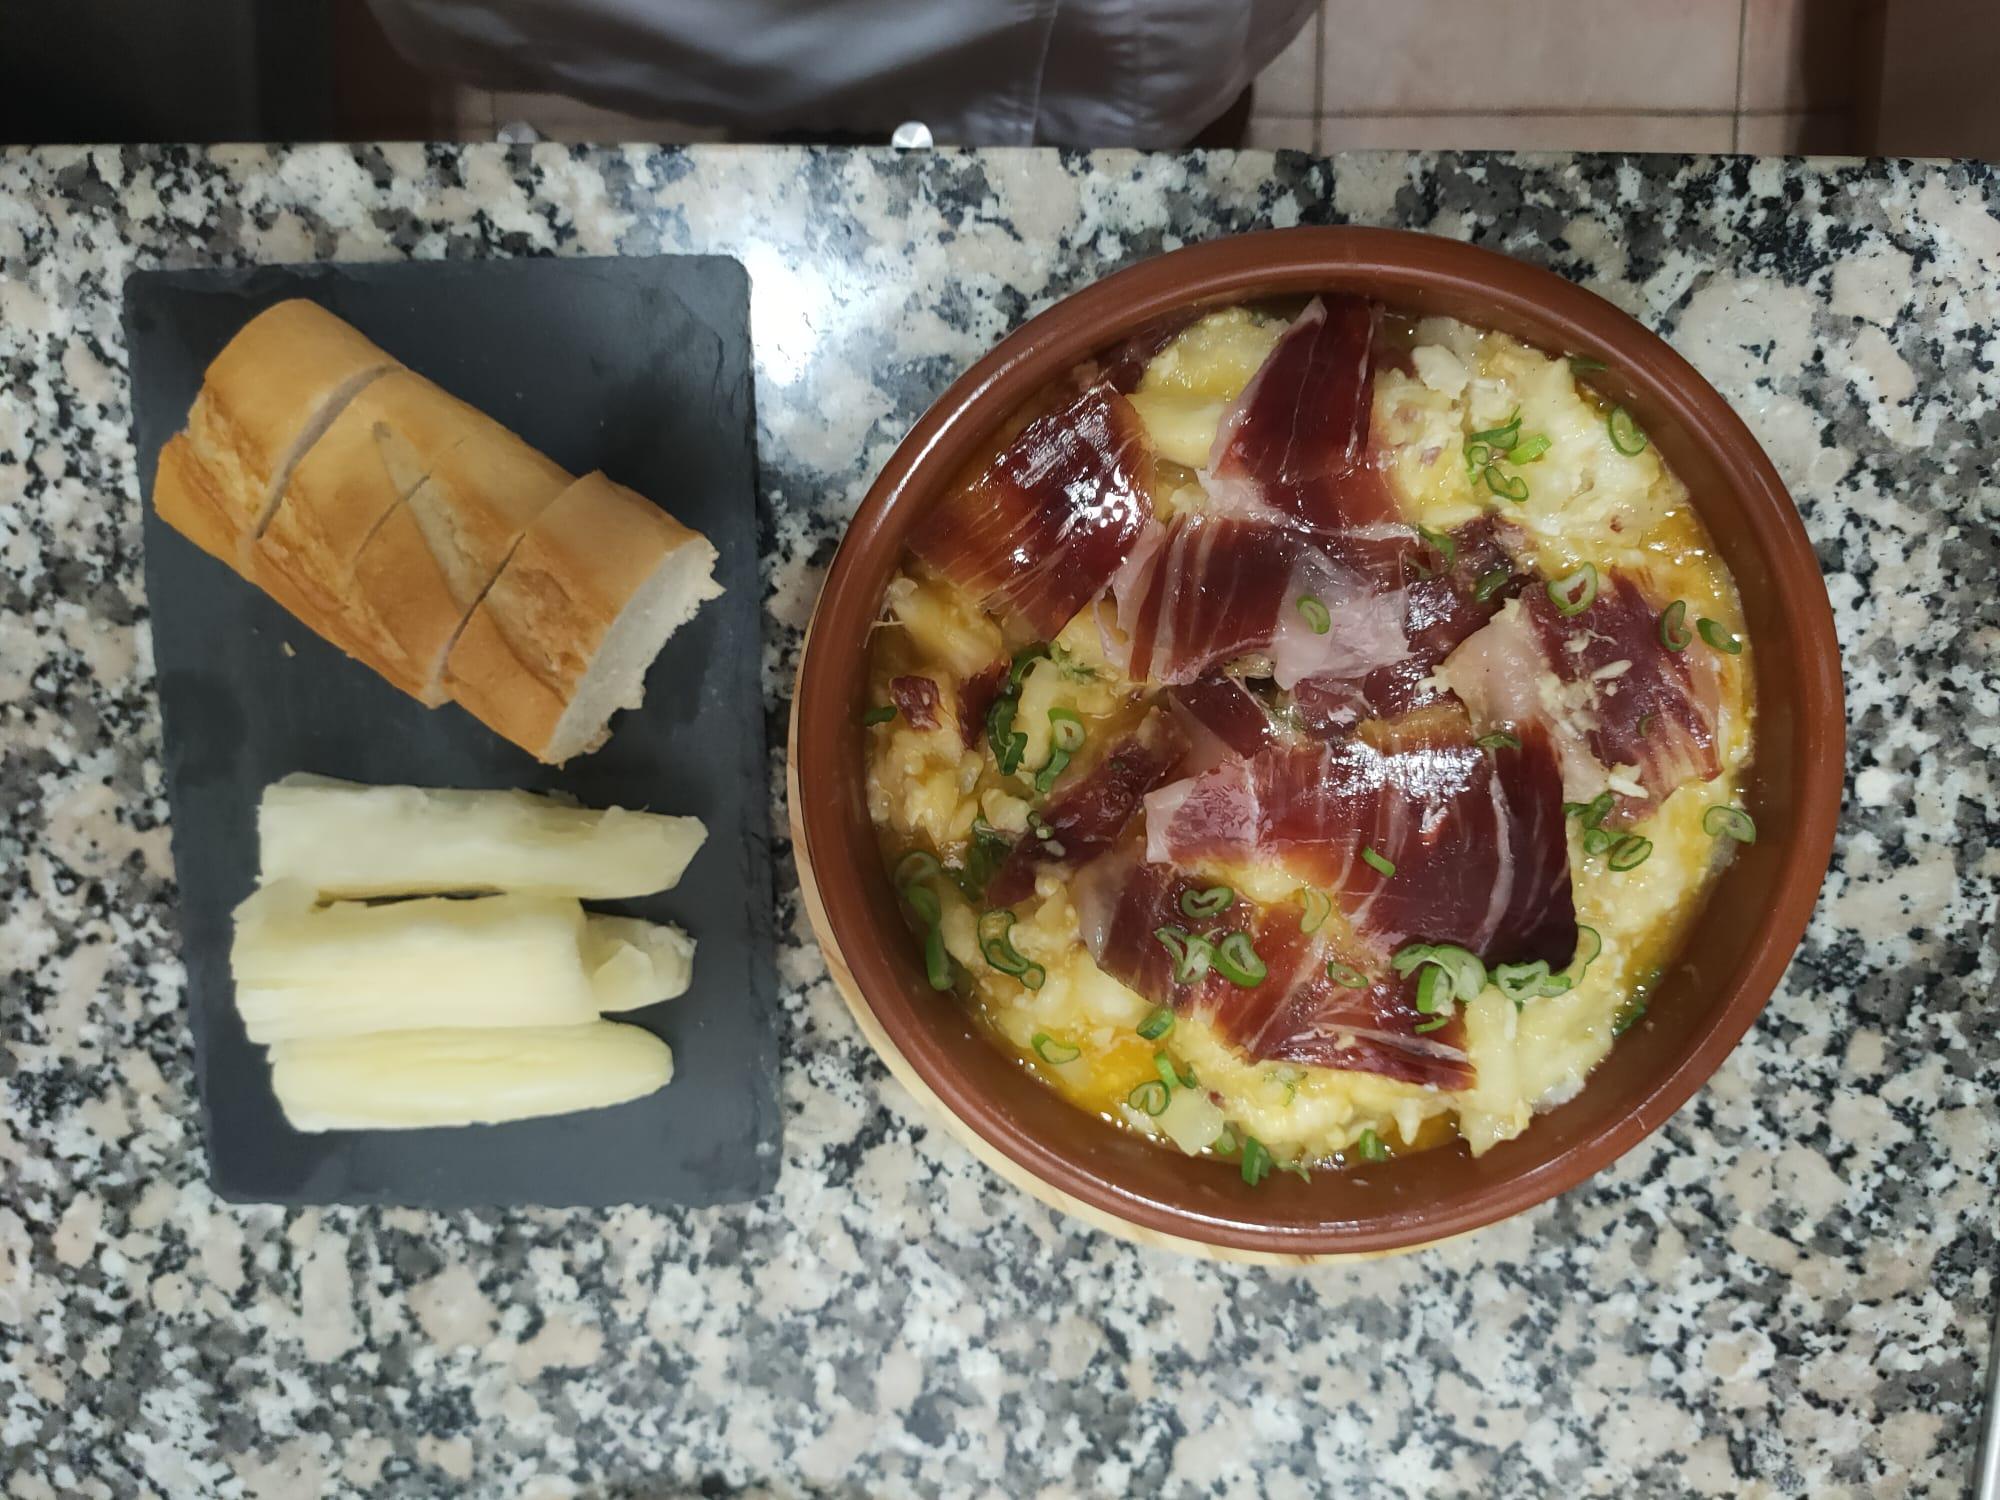 Huevo estrellado de yuca con jamón ibérico o sea el famoso mandi´o chyryry con huevo.